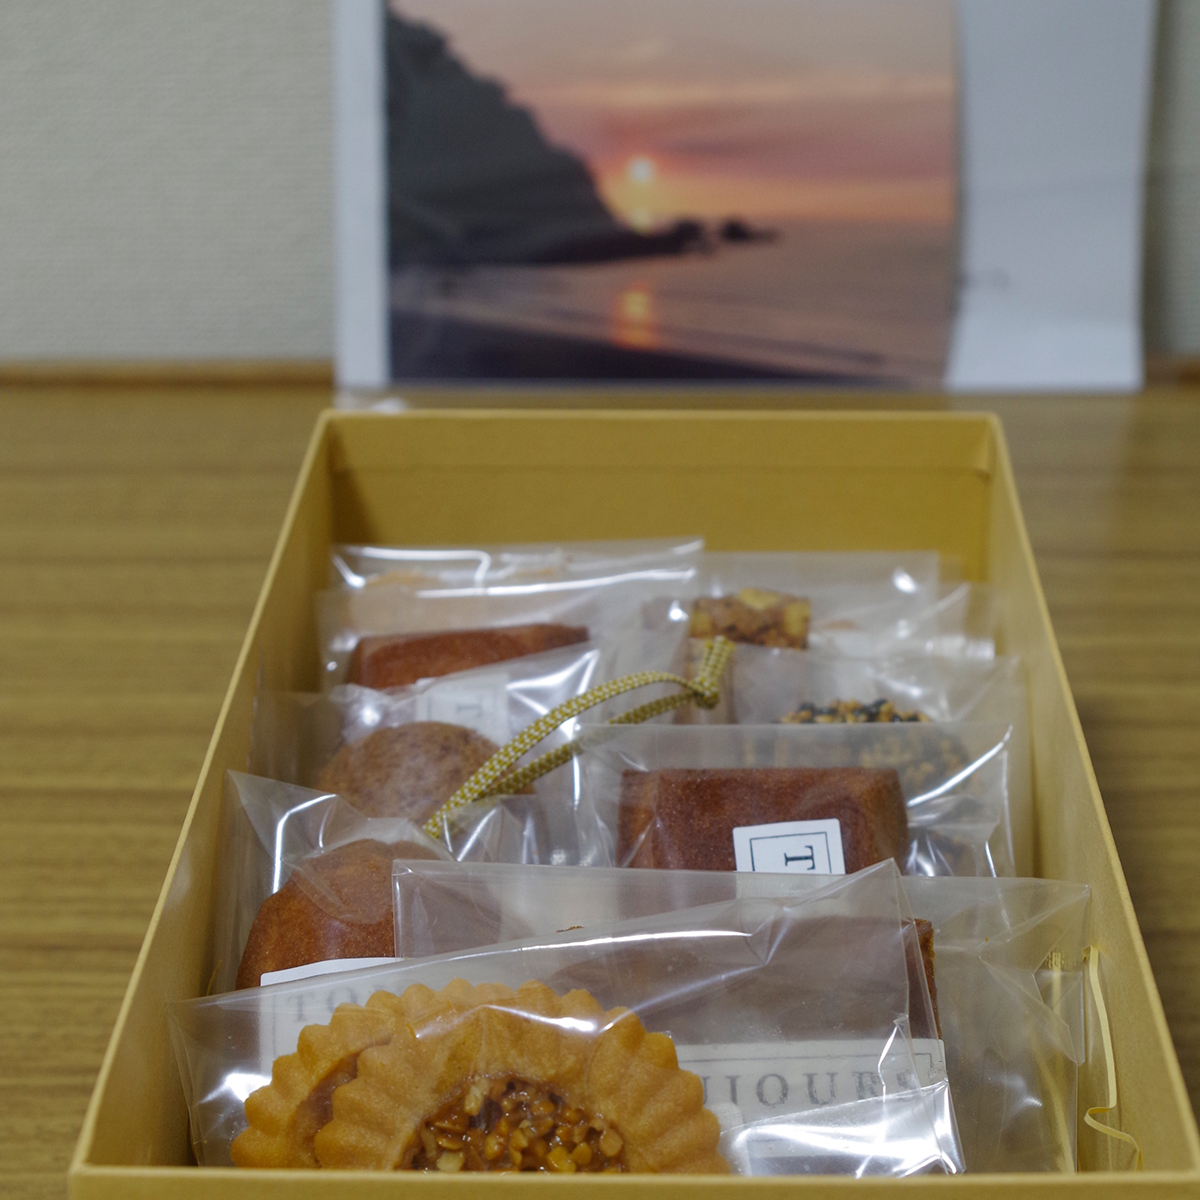 トゥジュール 焼き菓子セット アイキャッチ